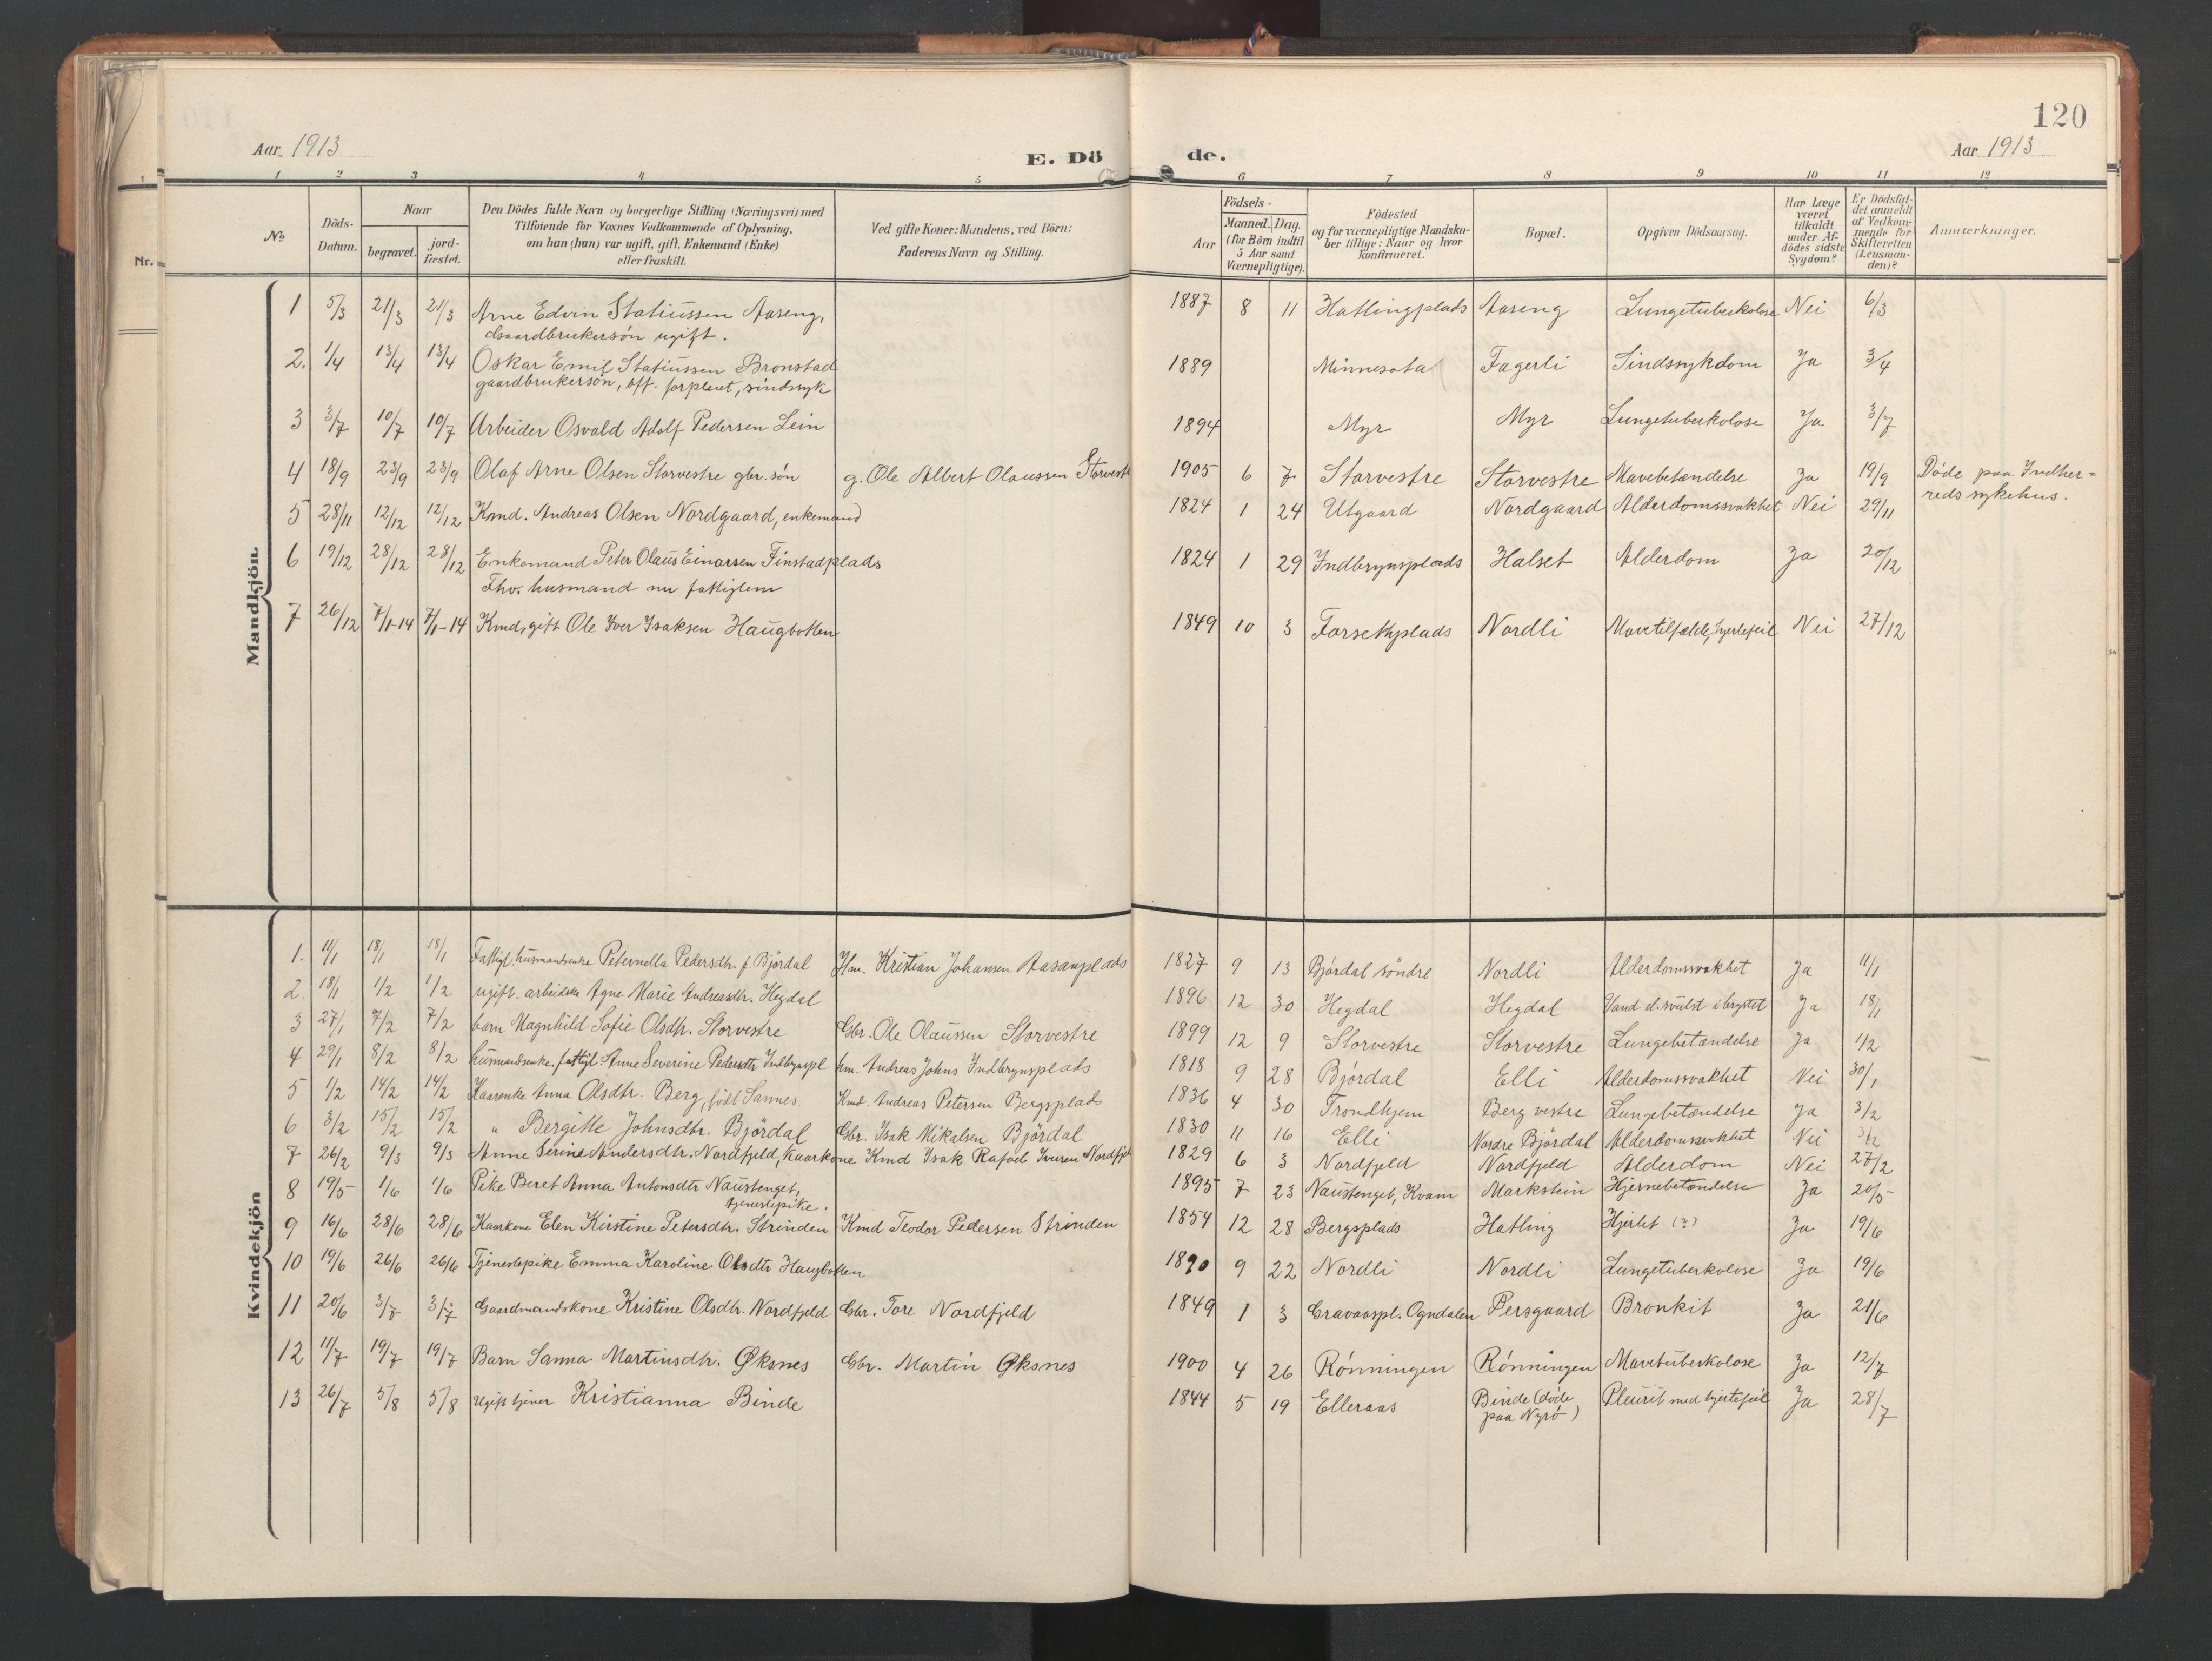 SAT, Ministerialprotokoller, klokkerbøker og fødselsregistre - Nord-Trøndelag, 746/L0455: Klokkerbok nr. 746C01, 1908-1933, s. 120